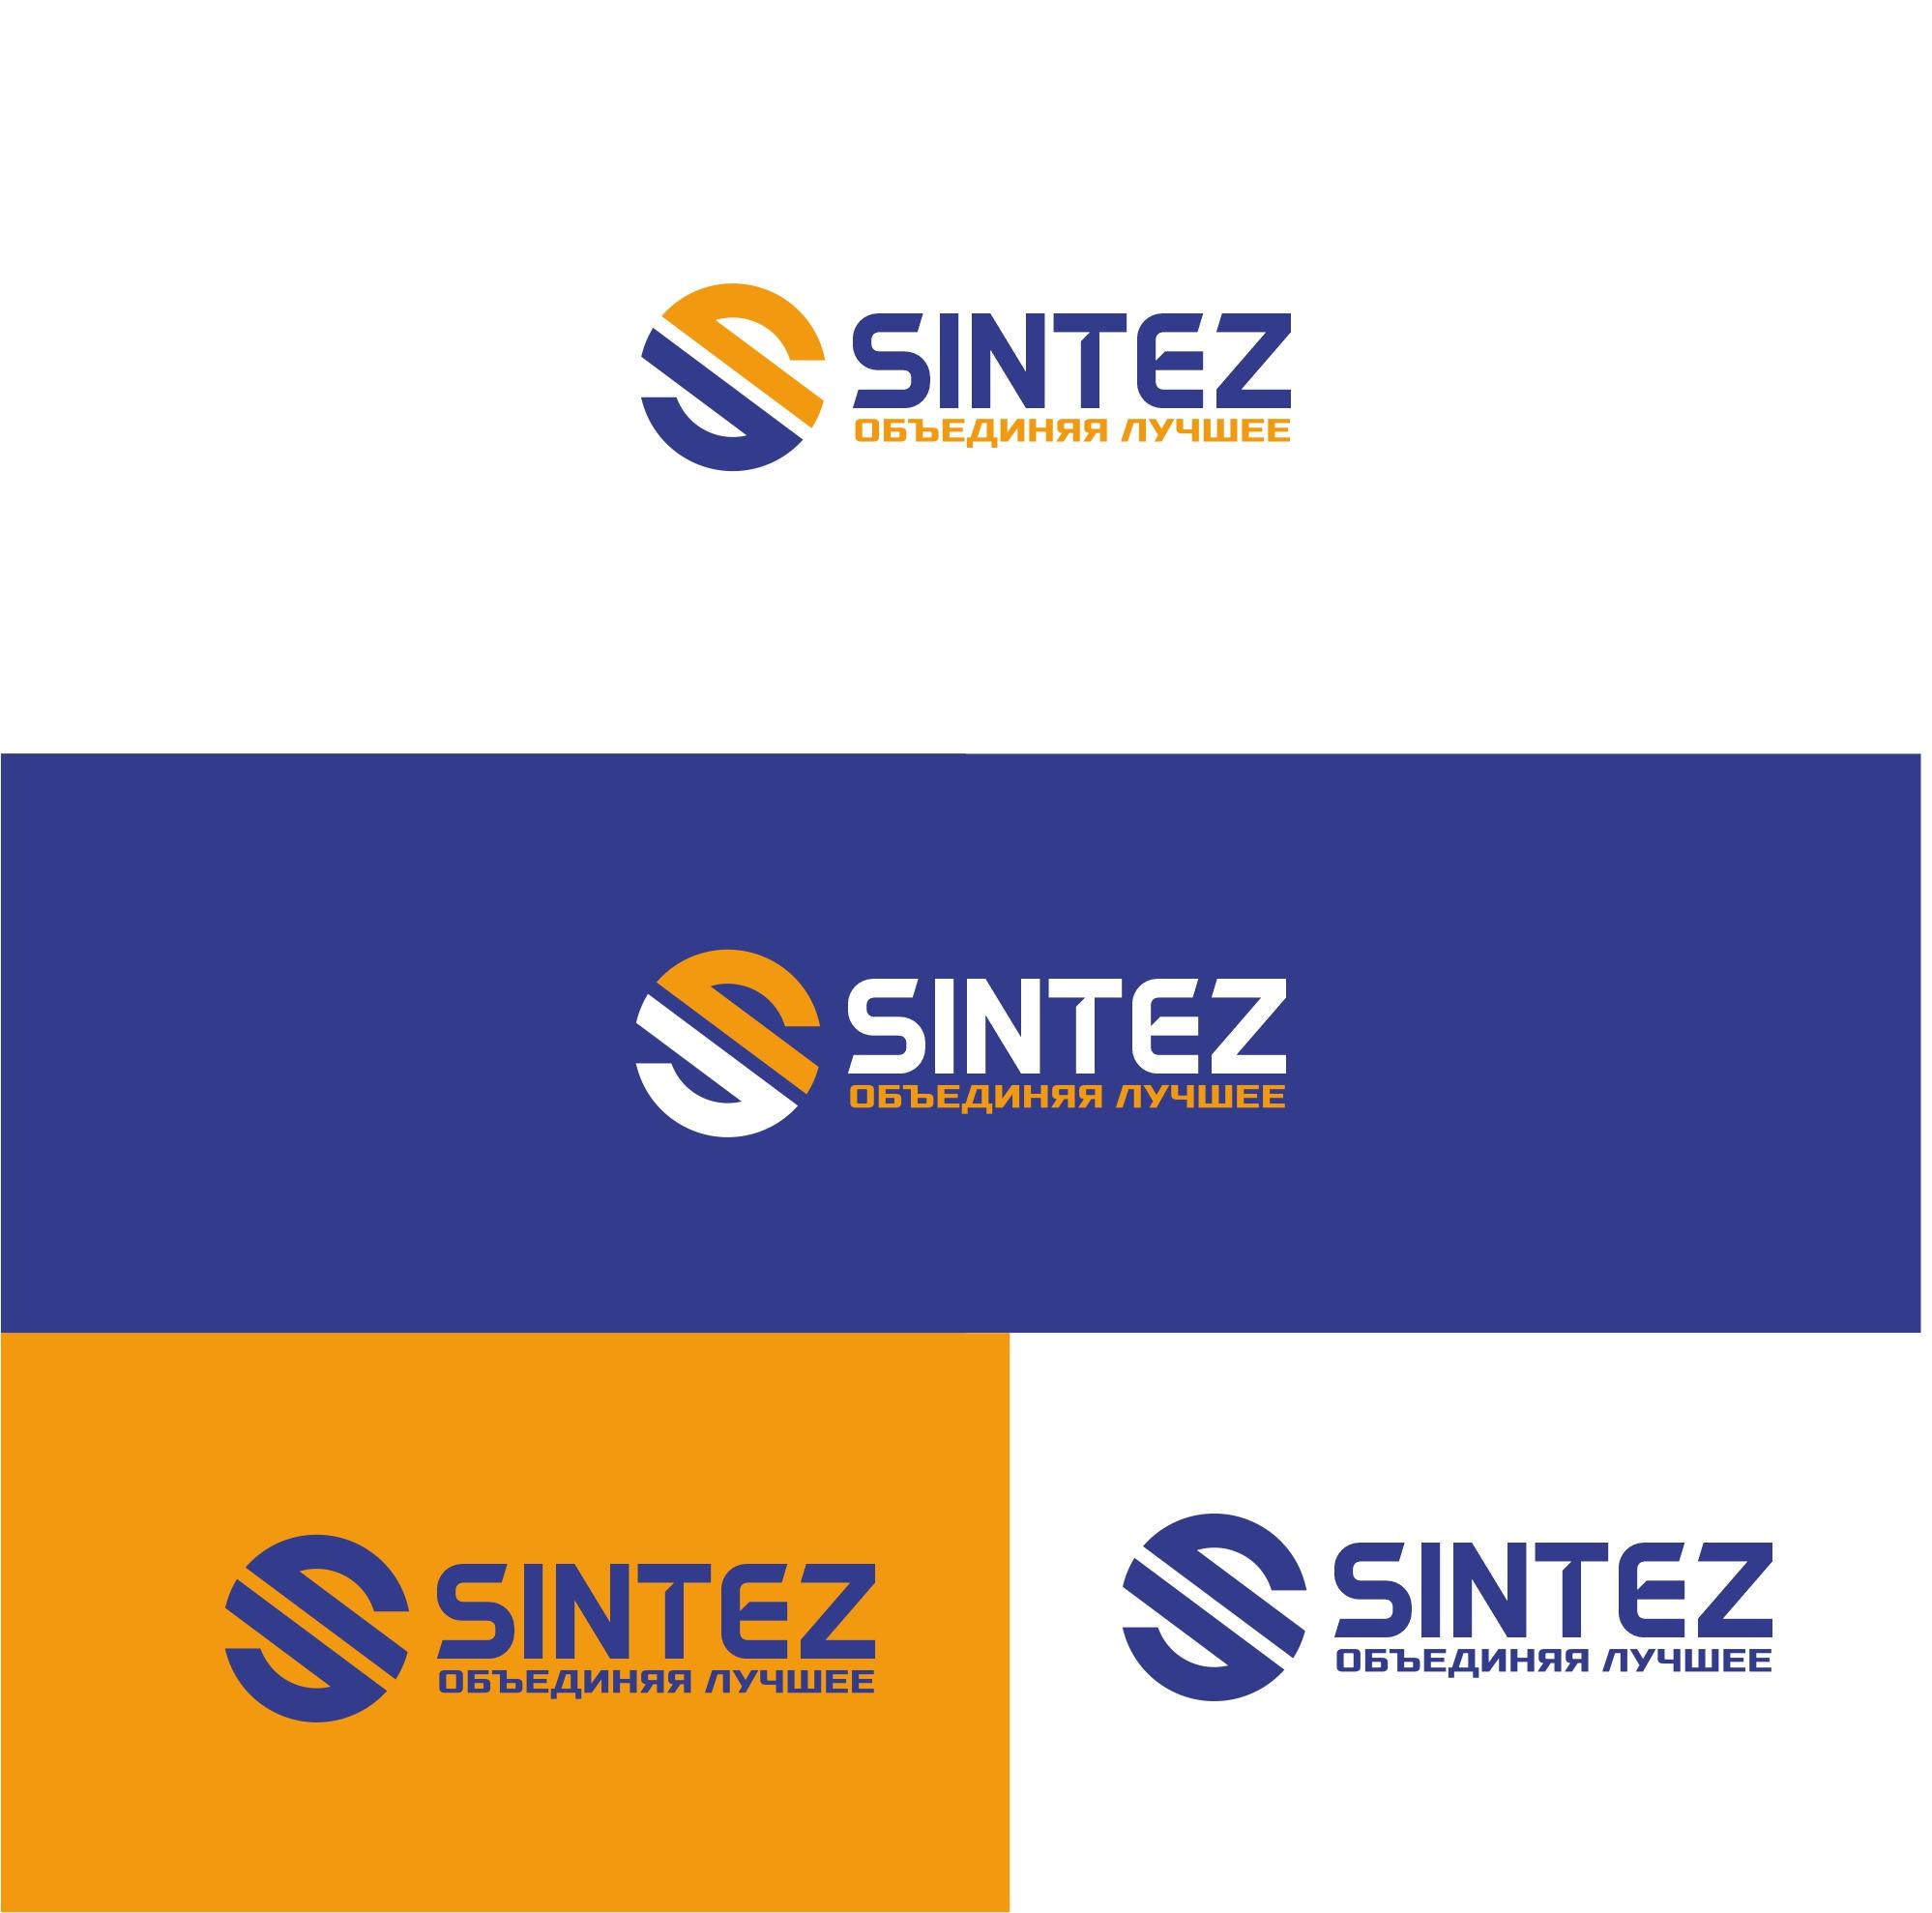 Разрабтка логотипа компании и фирменного шрифта фото f_3215f61eda76969e.jpg